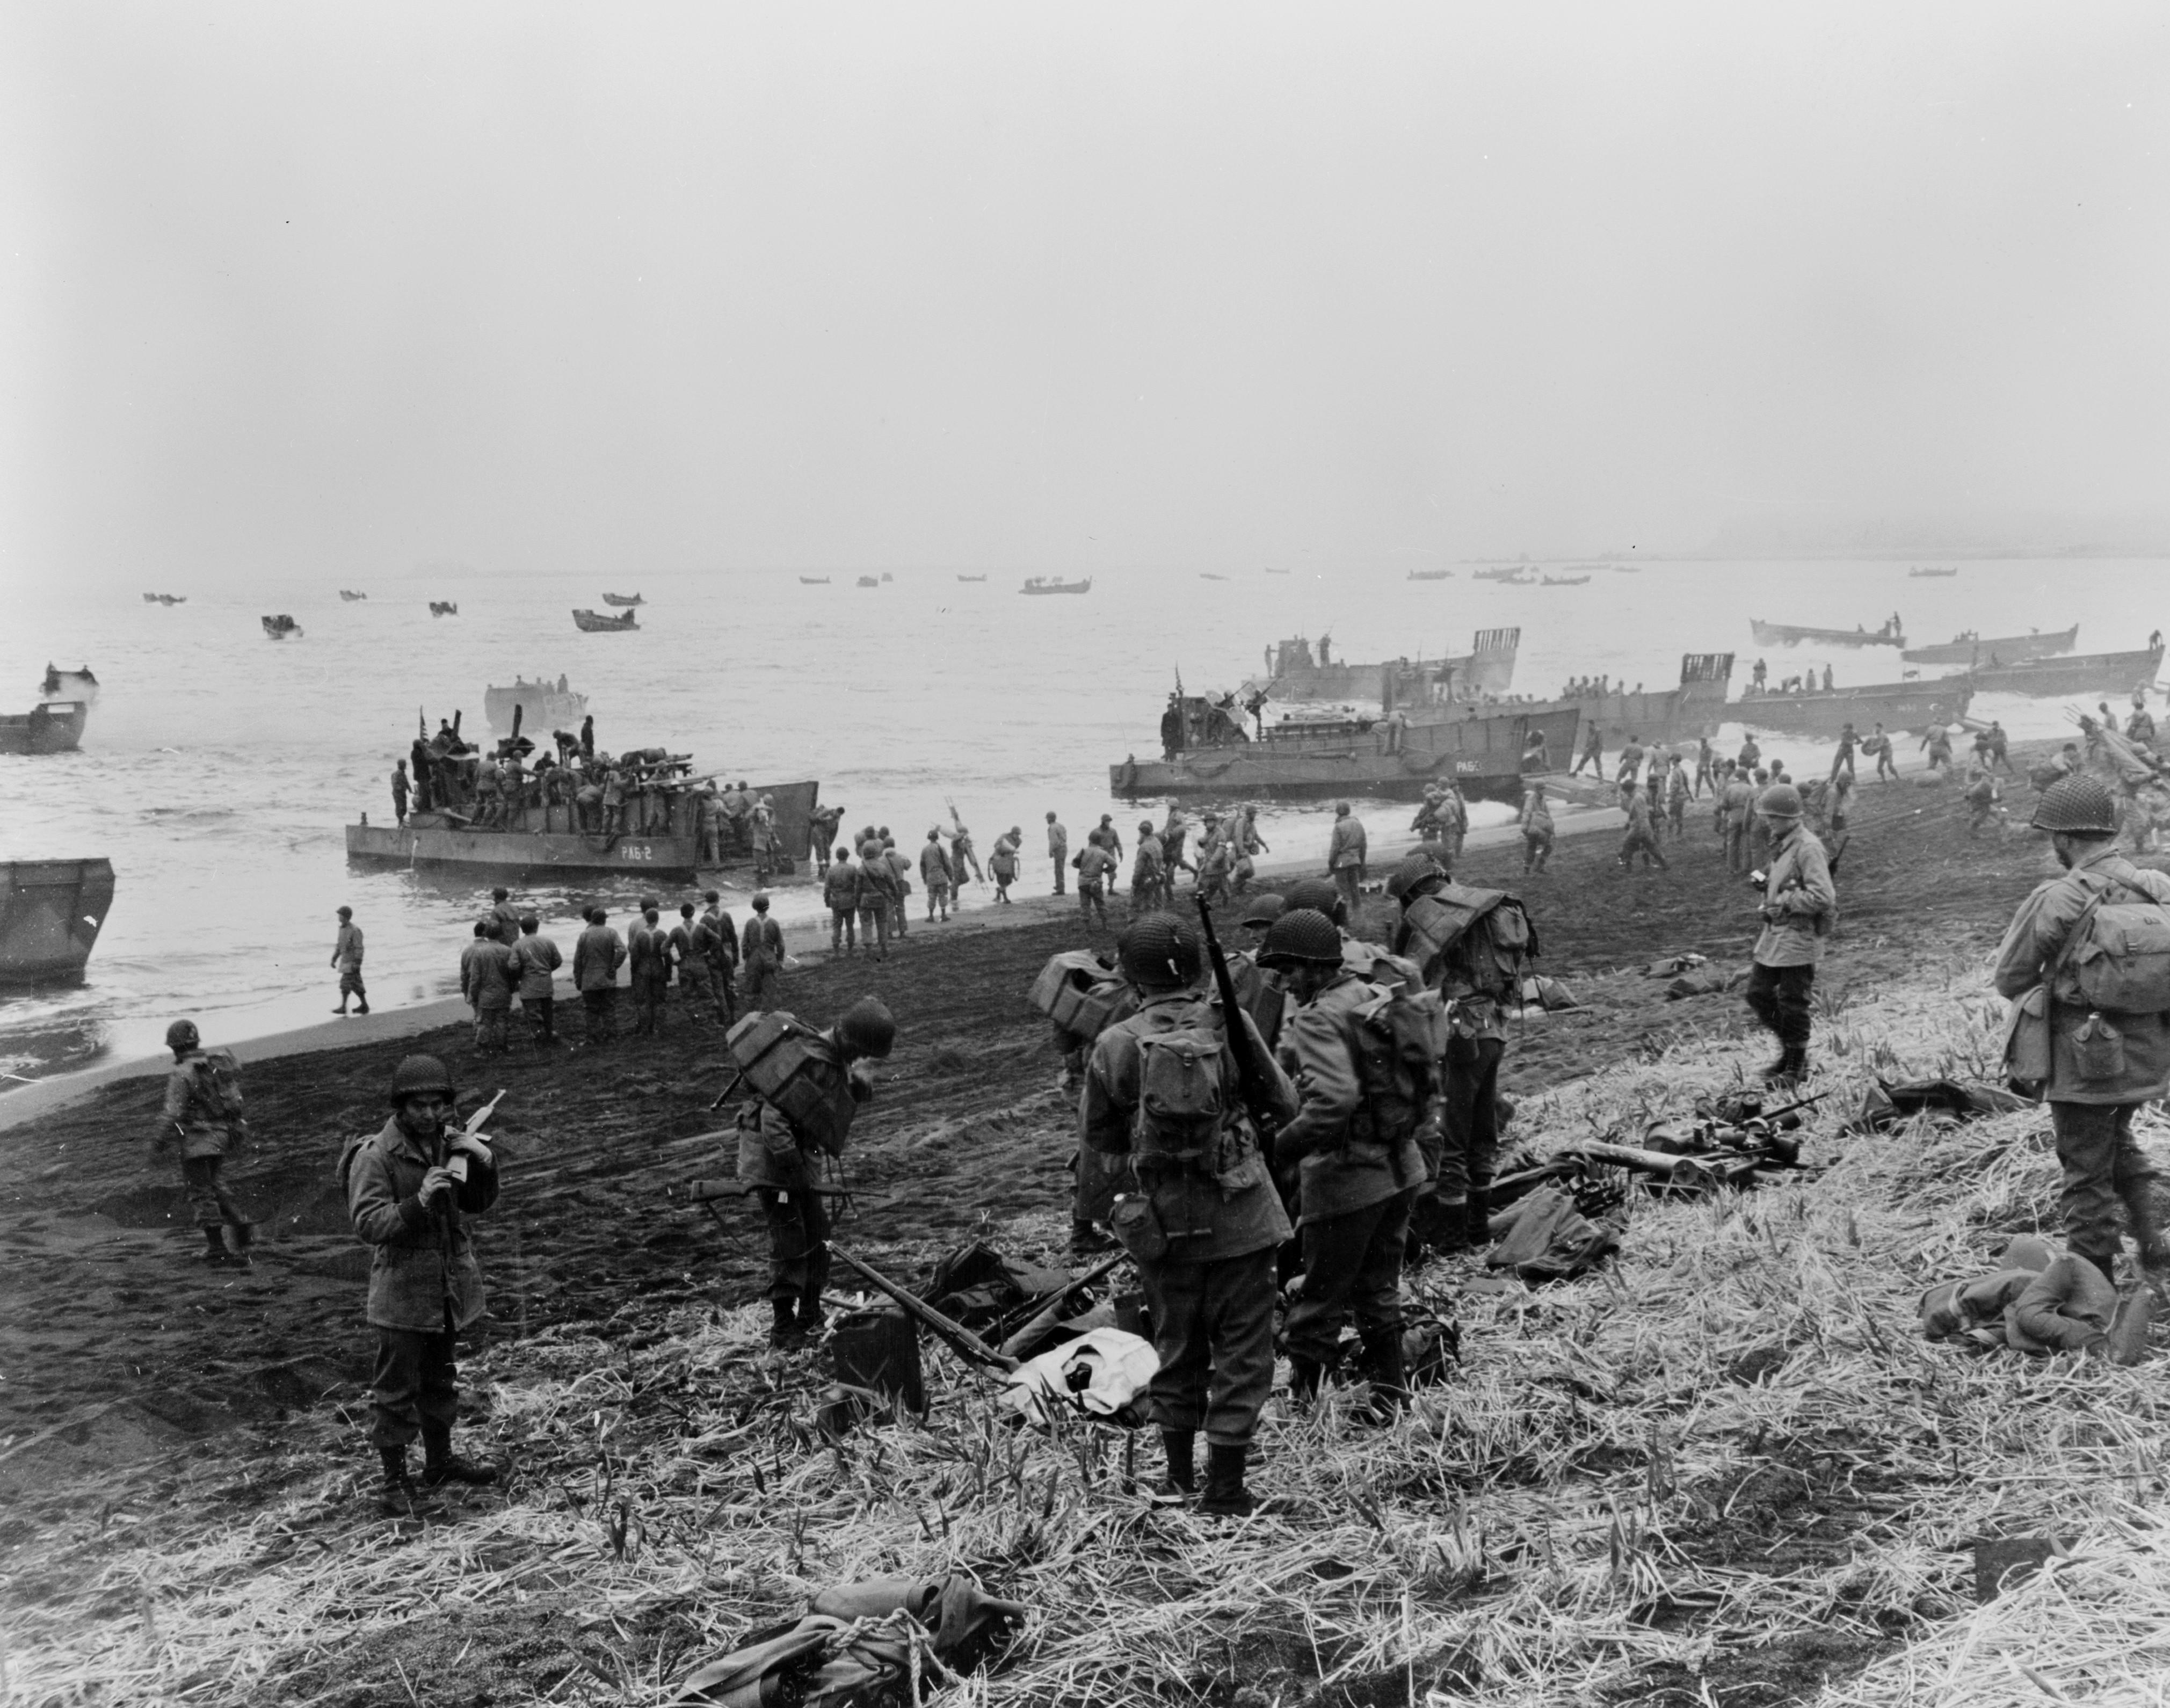 アッツ島に上陸したアメリカ軍